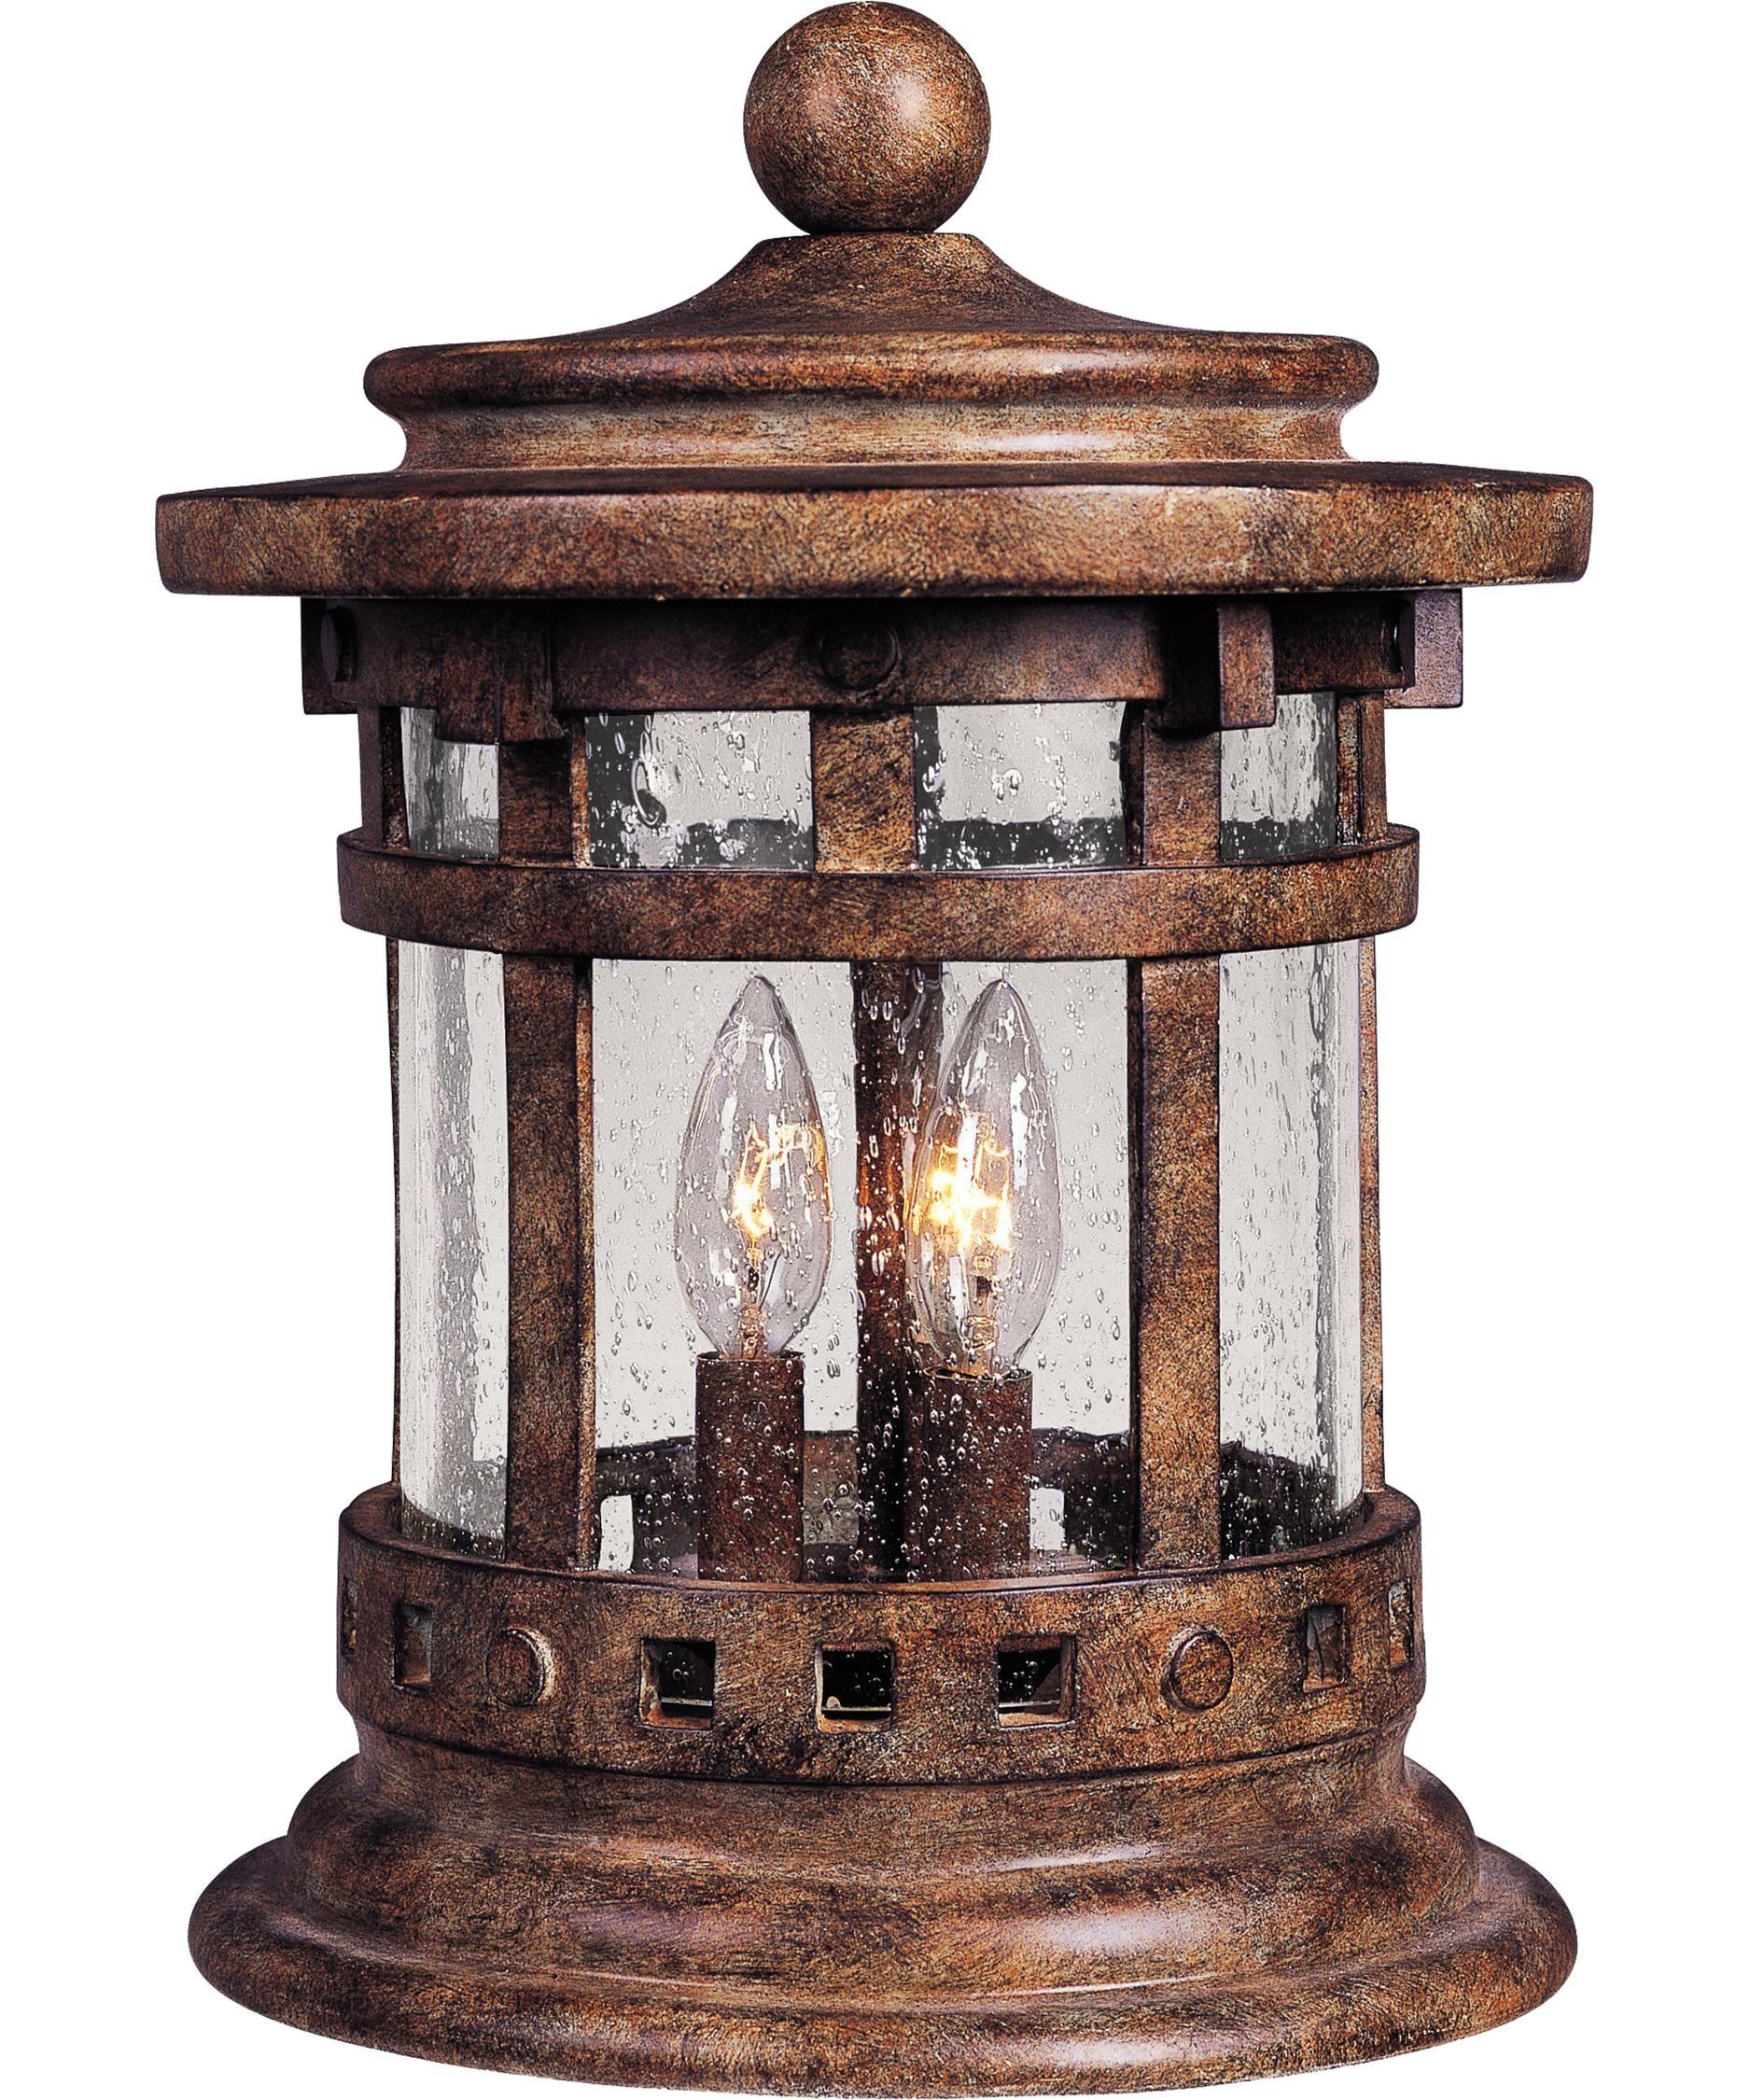 Maxim lighting 40032 santa barbara vx 3 light outdoor pier lamp maxim lighting 40032 santa barbara vx 3 light outdoor pier lamp capitol lighting 1 aloadofball Gallery